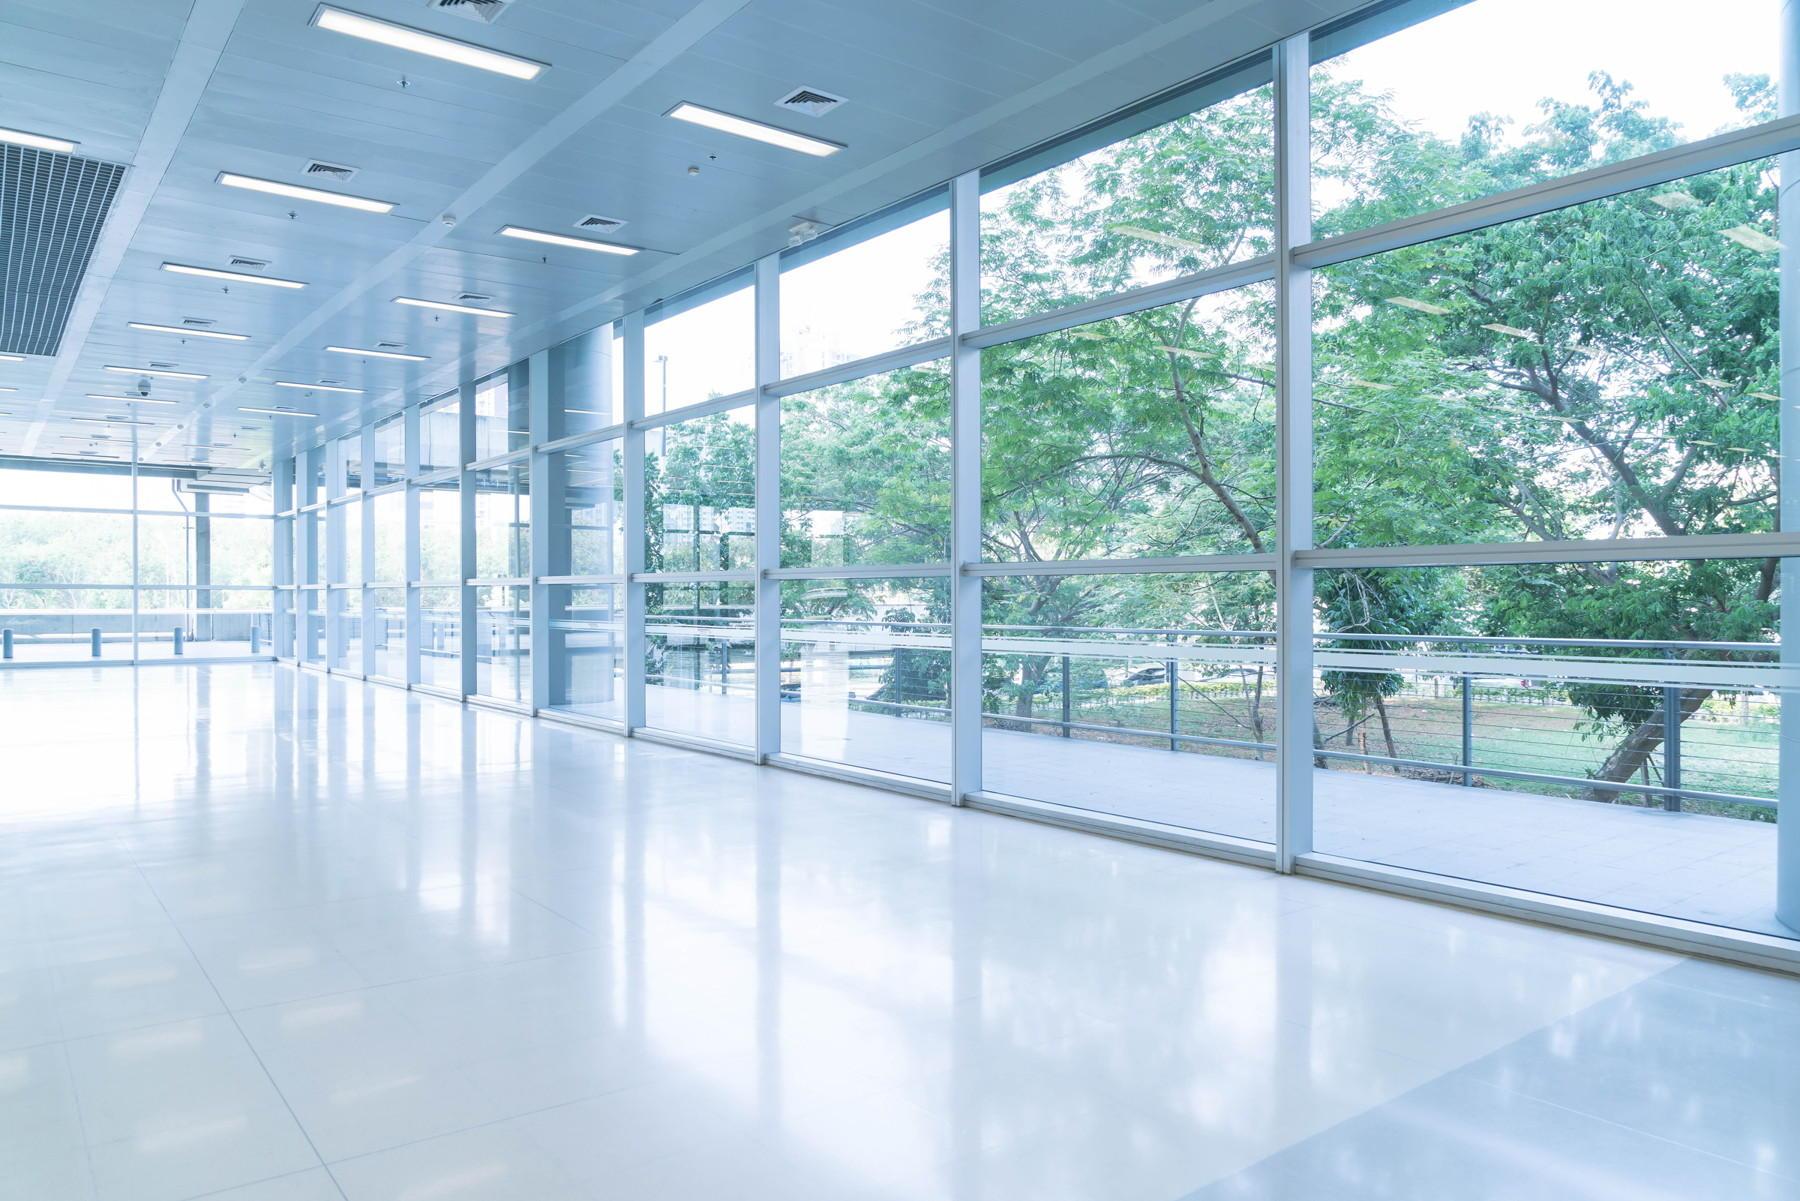 nowoczesne okna pcv - okna trzyszybowe z ciepłą ramką Stolmar Toruń